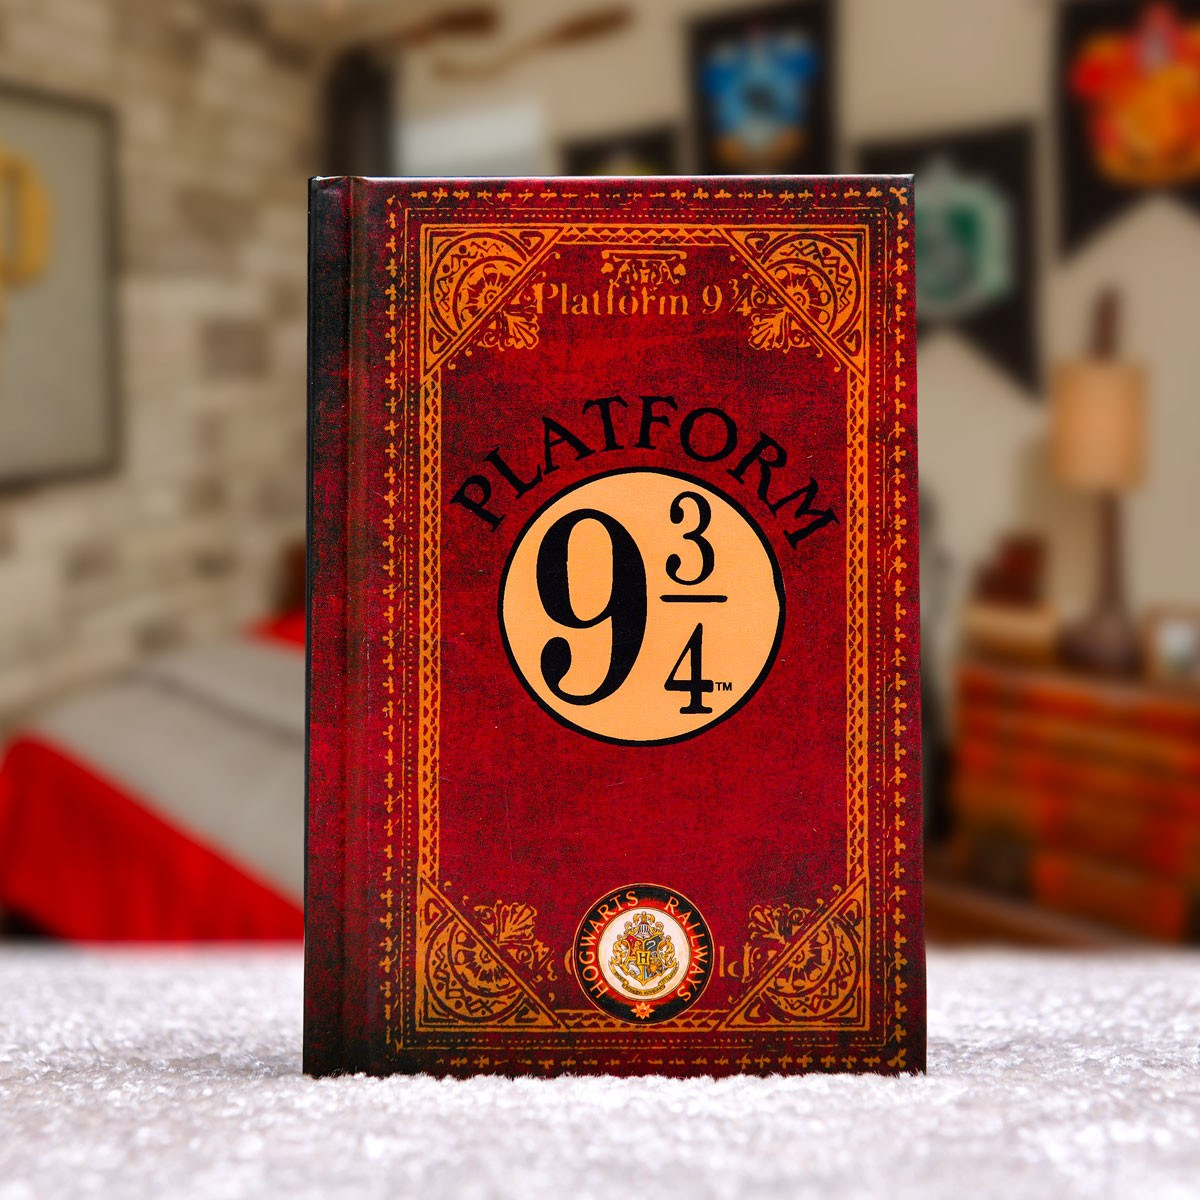 Harry Potter Kidboxeo II